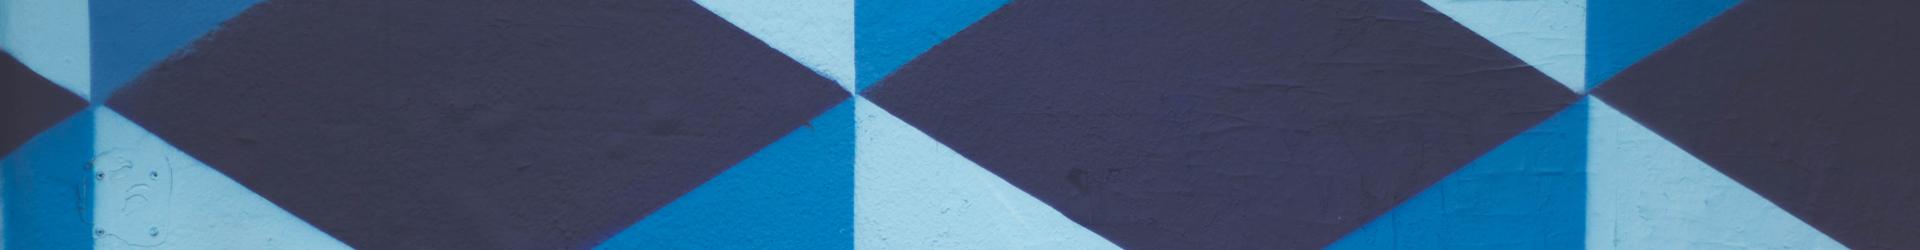 Hoofdafbeelding schilder -en behangwerken van Bicopa in Zottegem